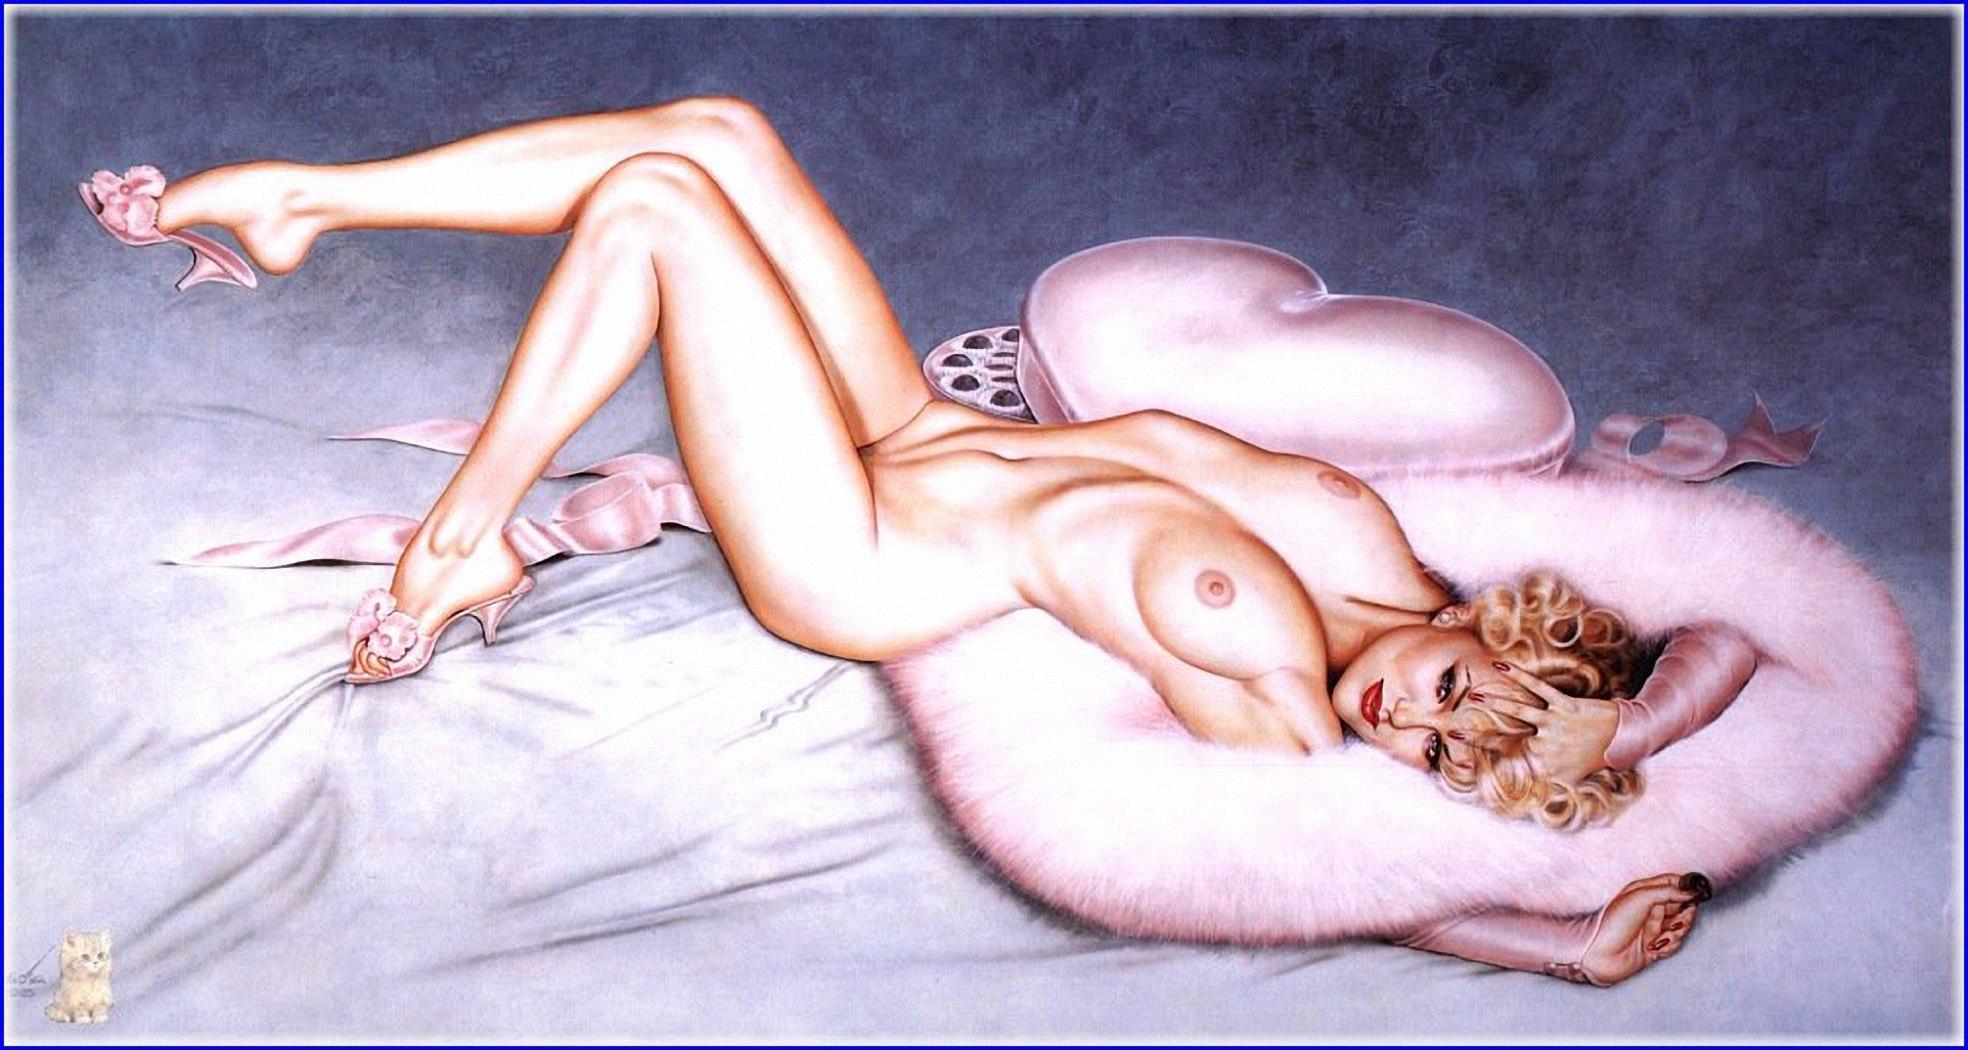 Эротические рисунки графика, Эротические рисунки девушек и женщин - голые картинки 5 фотография